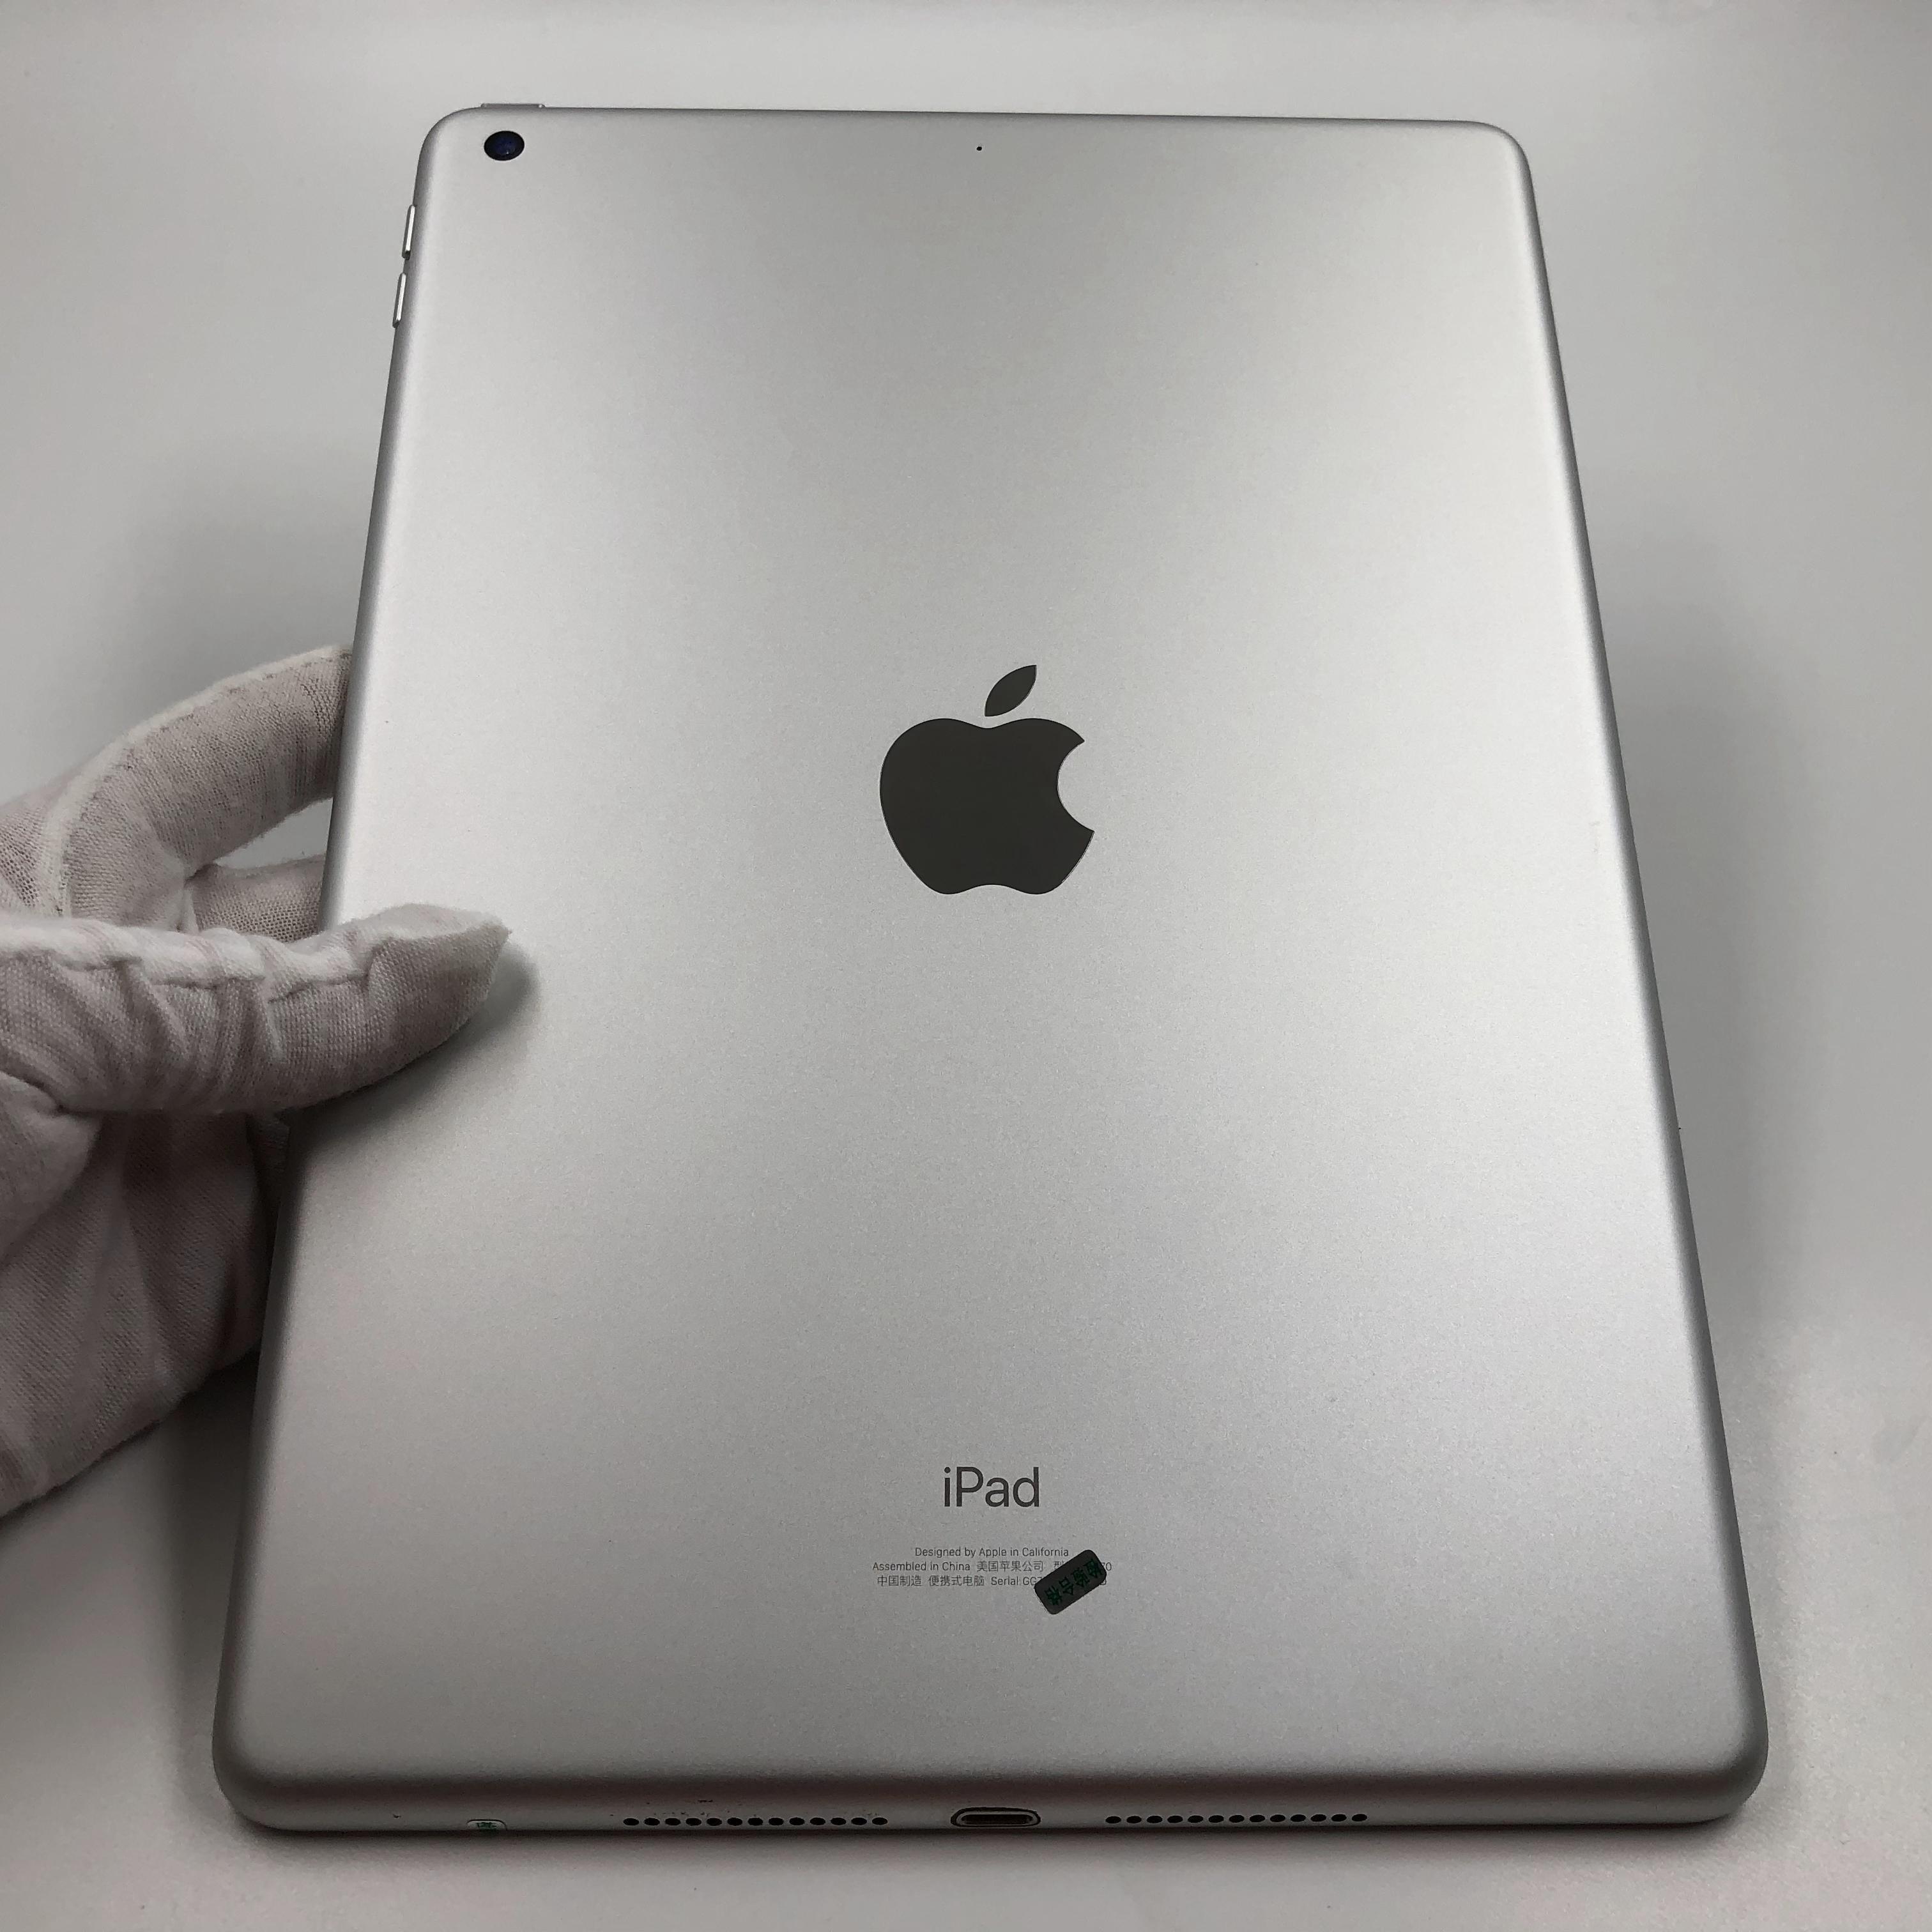 苹果【iPad8 10.2英寸 20款】WIFI版 银色 32G 国行 99新 真机实拍保修2022-02-19